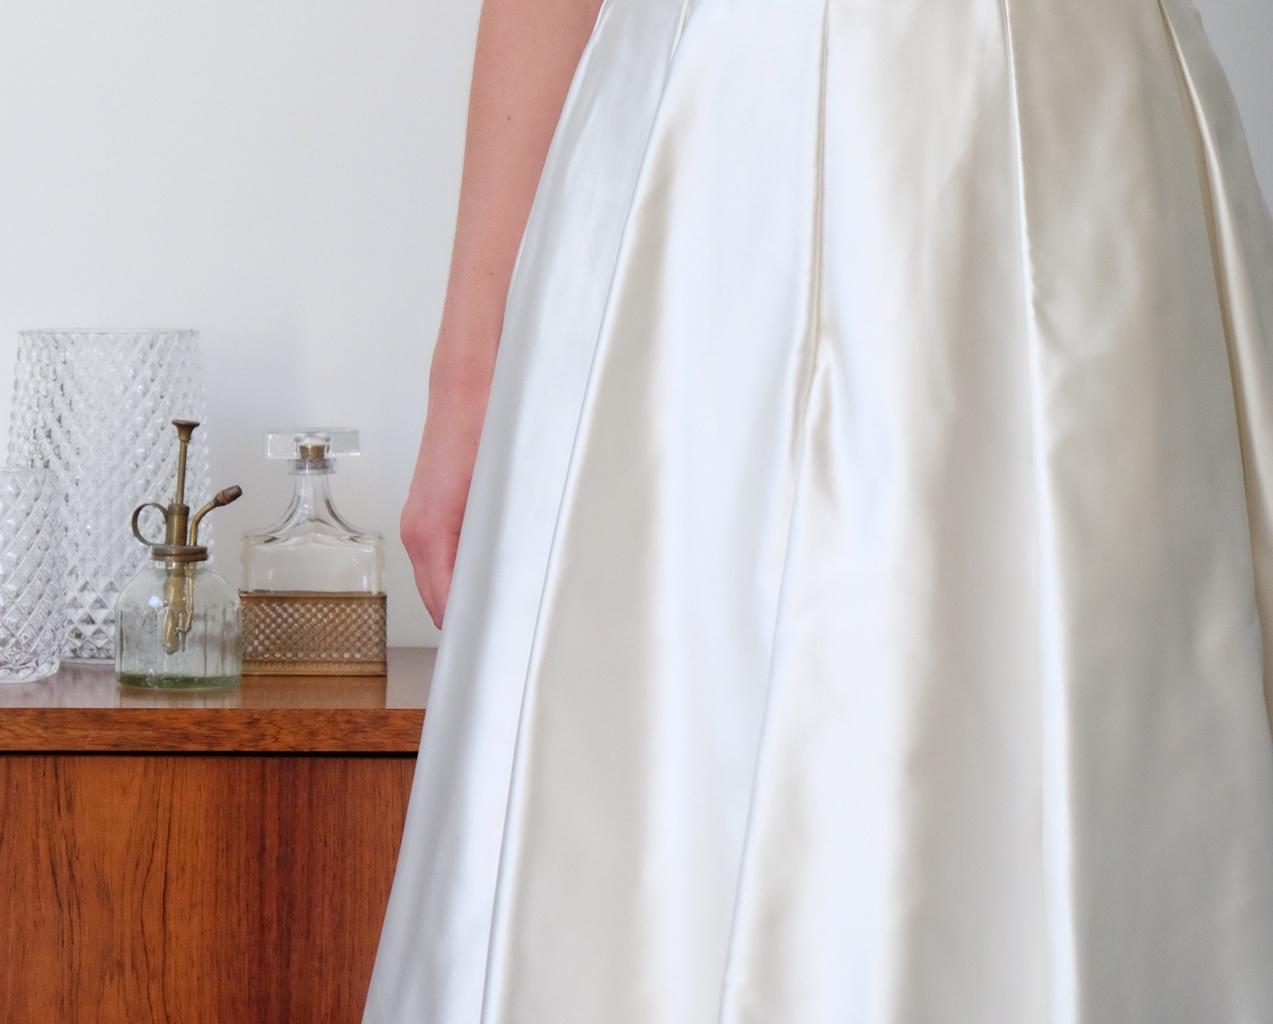 Lucie Fouquet robe Cécile satin duchesse plis creux